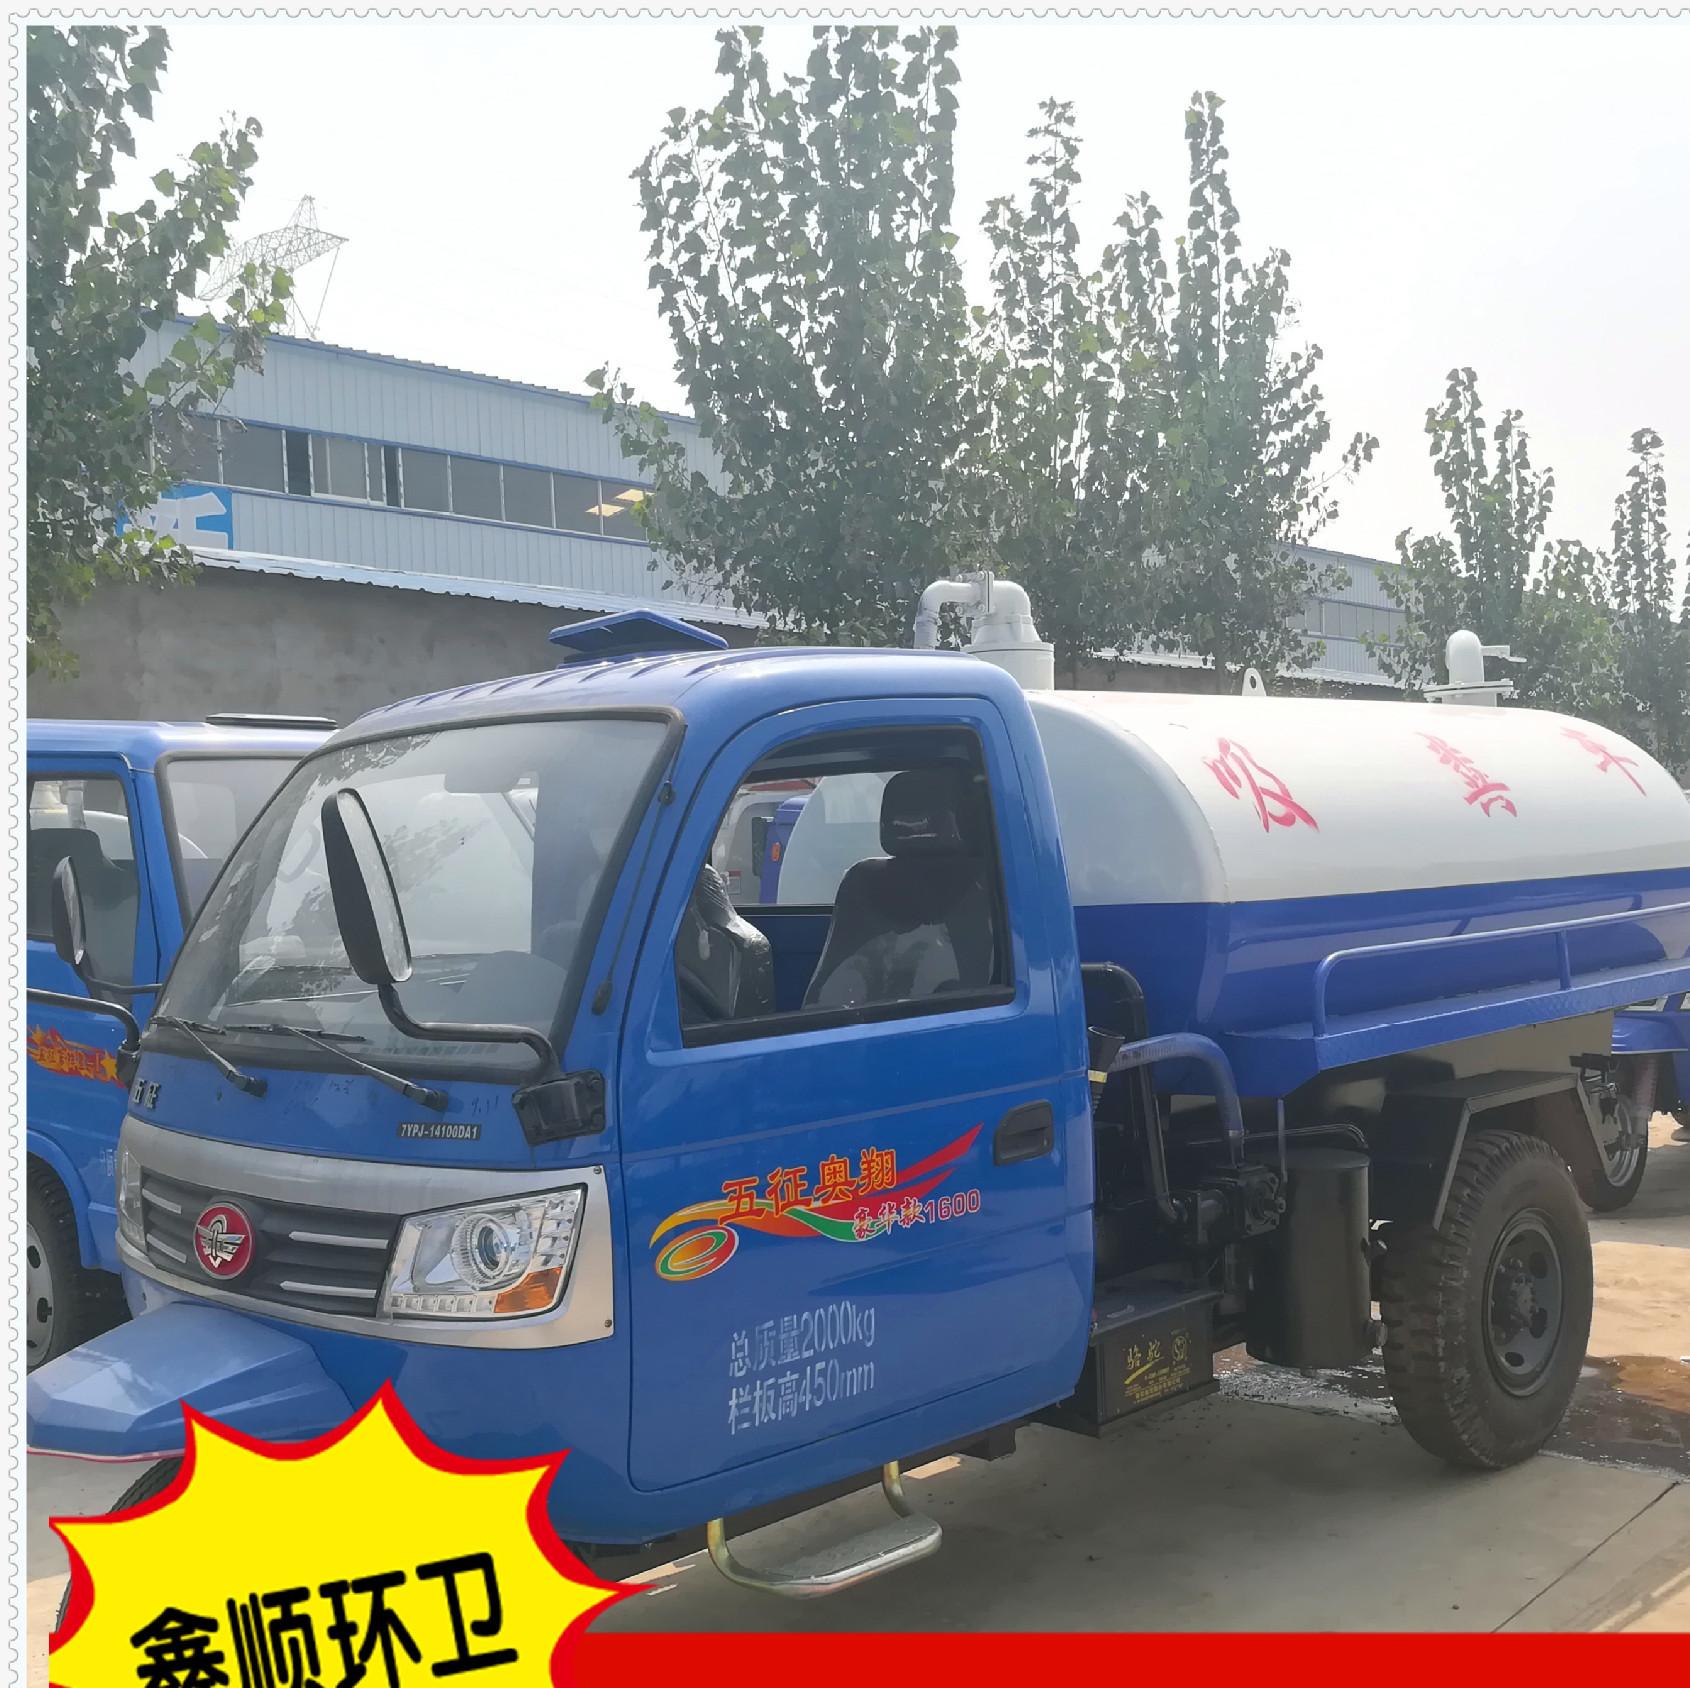 小型三轮吸粪车真空泵养殖场专用污水粪便运输多功能吸粪车价格